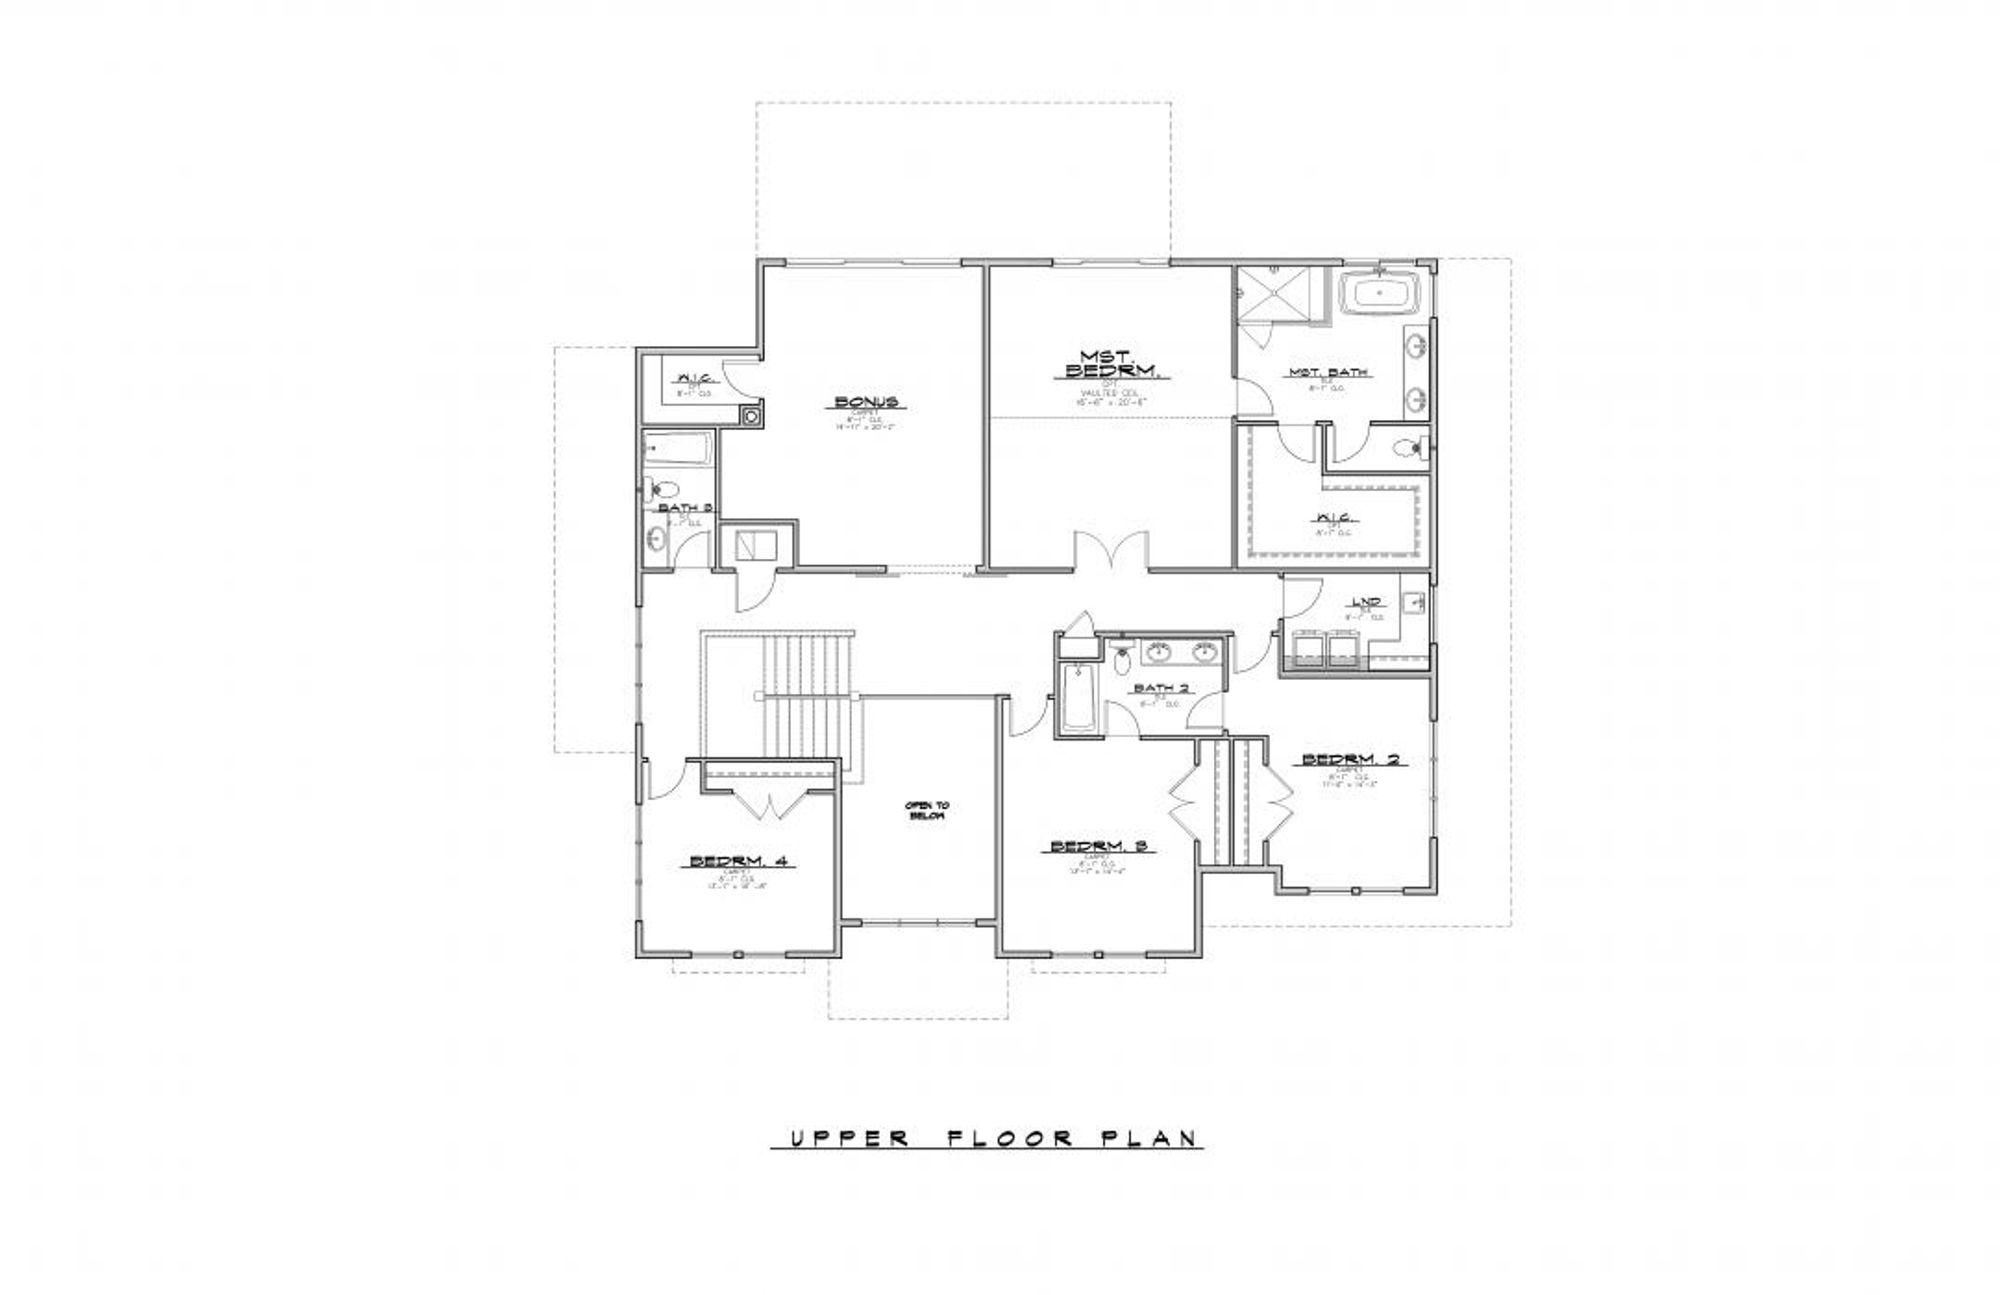 Belmont Upper Floor Plan